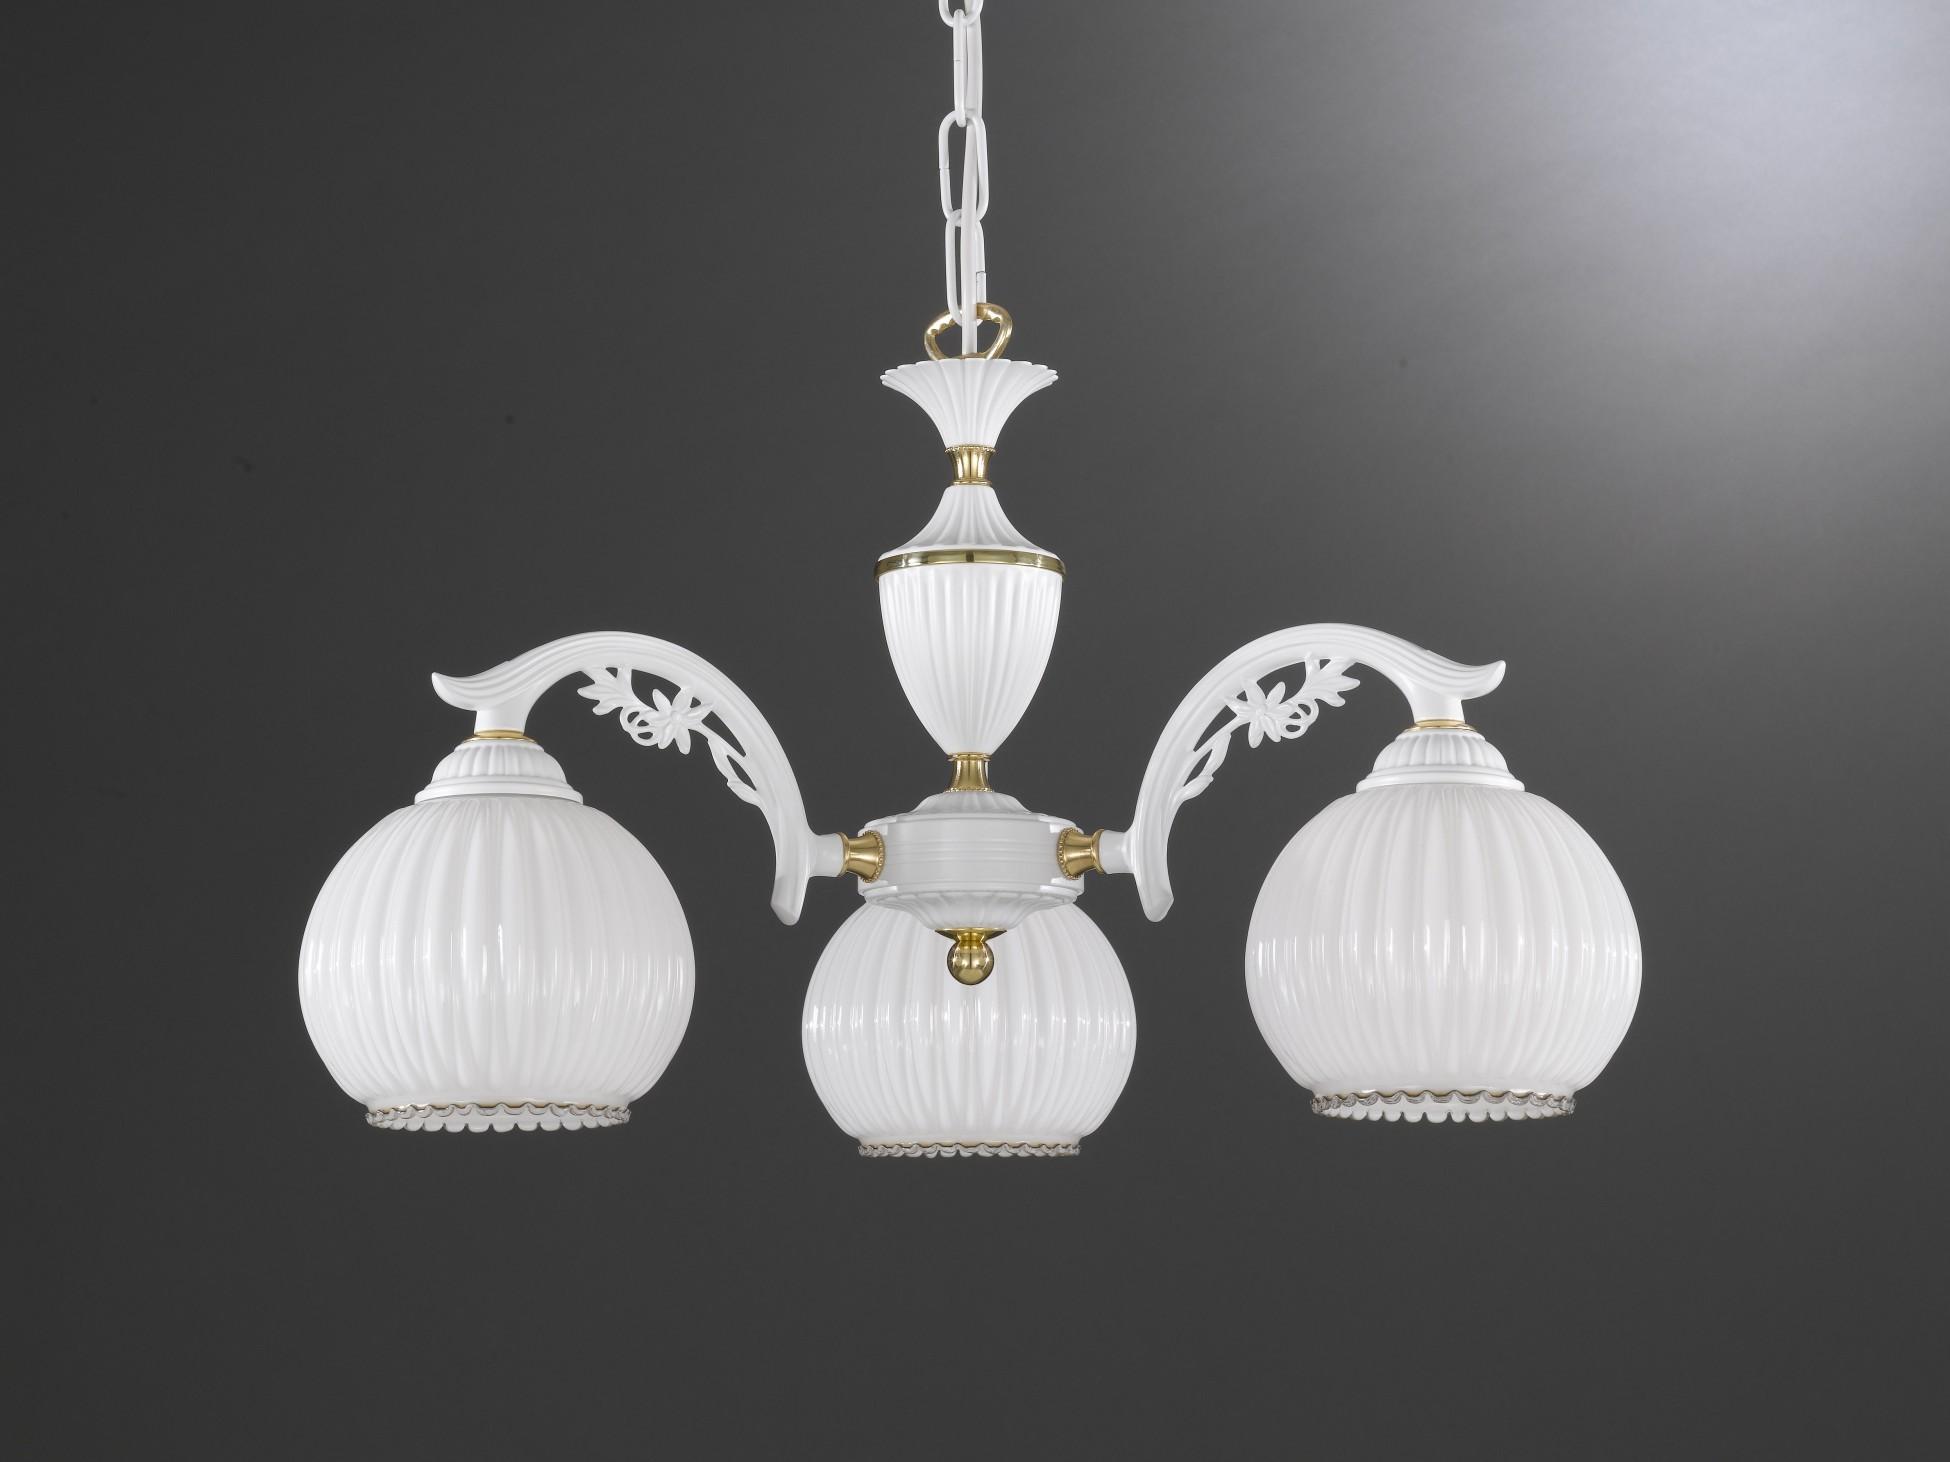 Lampadario classico a 3 luci vetro bianco soffiato  Reccagni Store